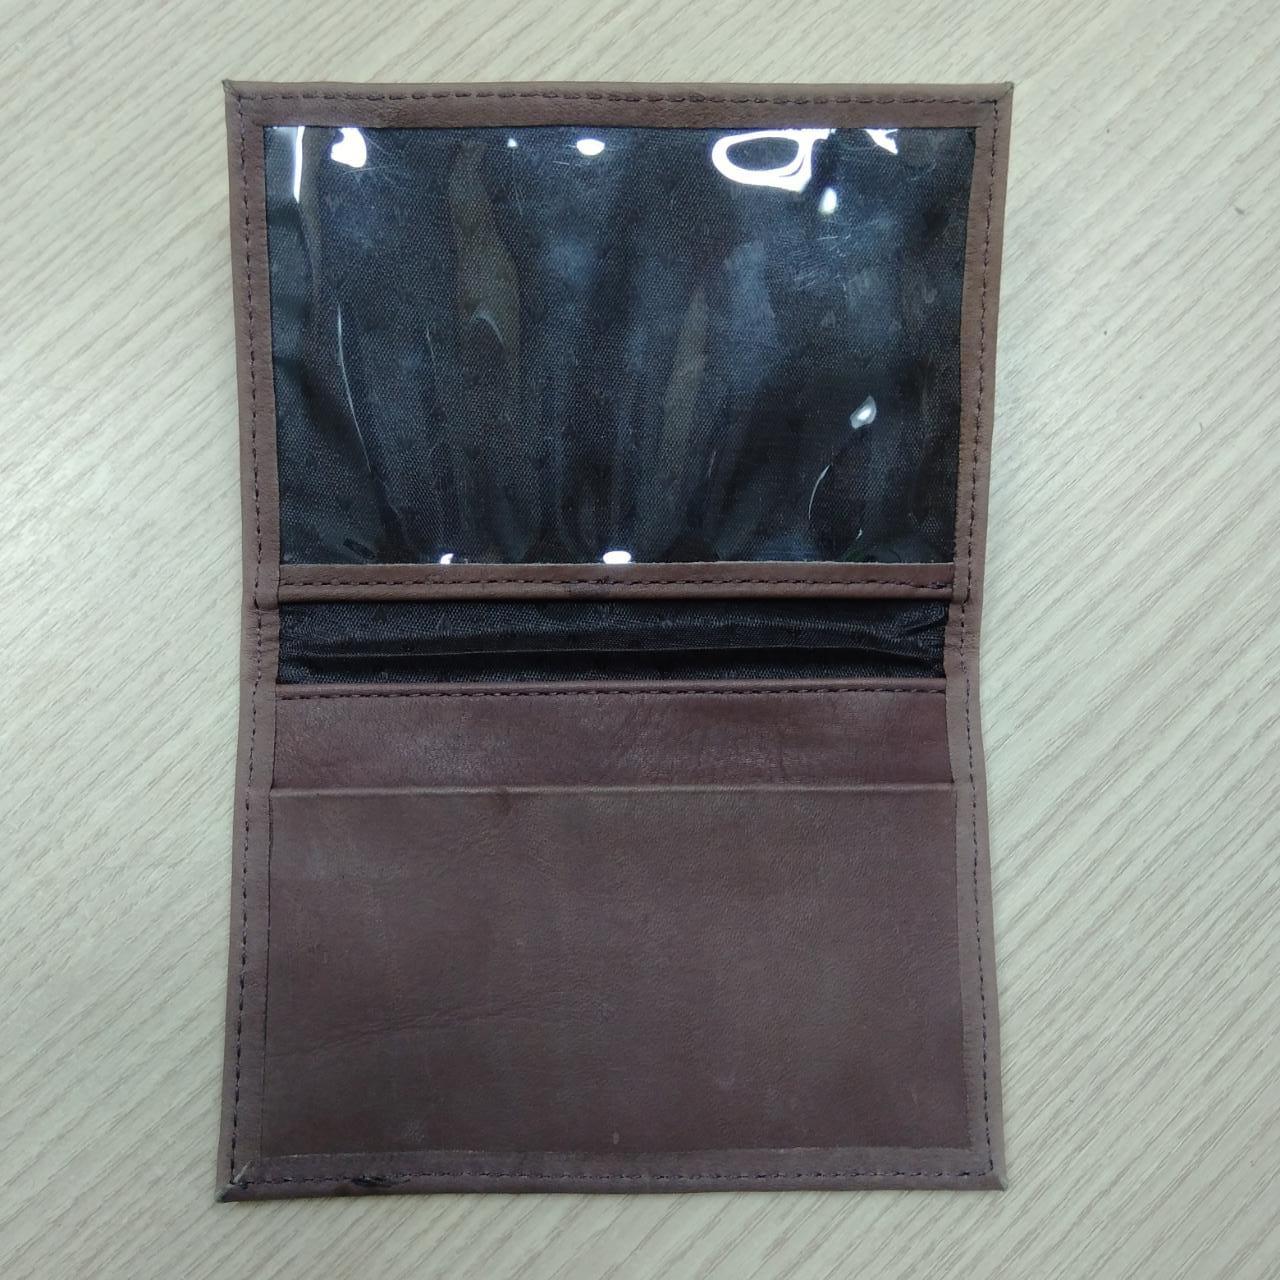 Carteira Porta Documento Em Couro Marrom Claro - Logo Skull - 022/19806